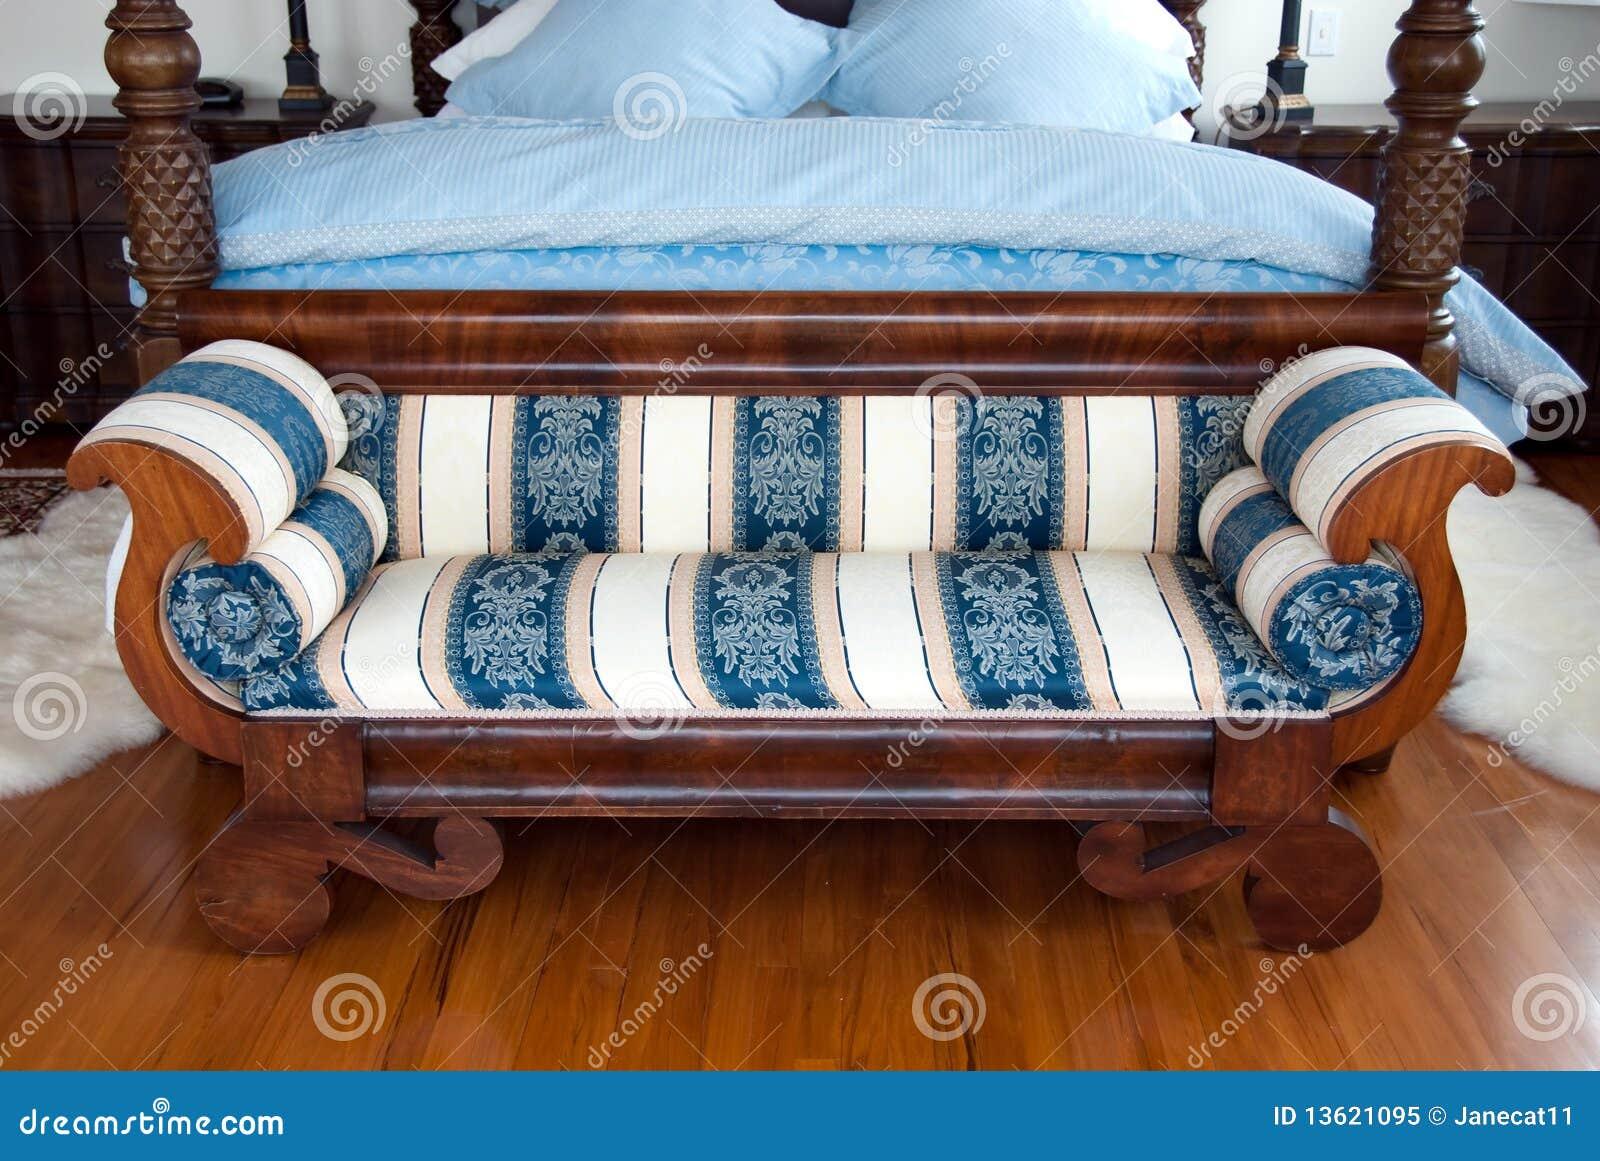 De bank van de slaapkamer stock afbeelding. Afbeelding bestaande uit ...